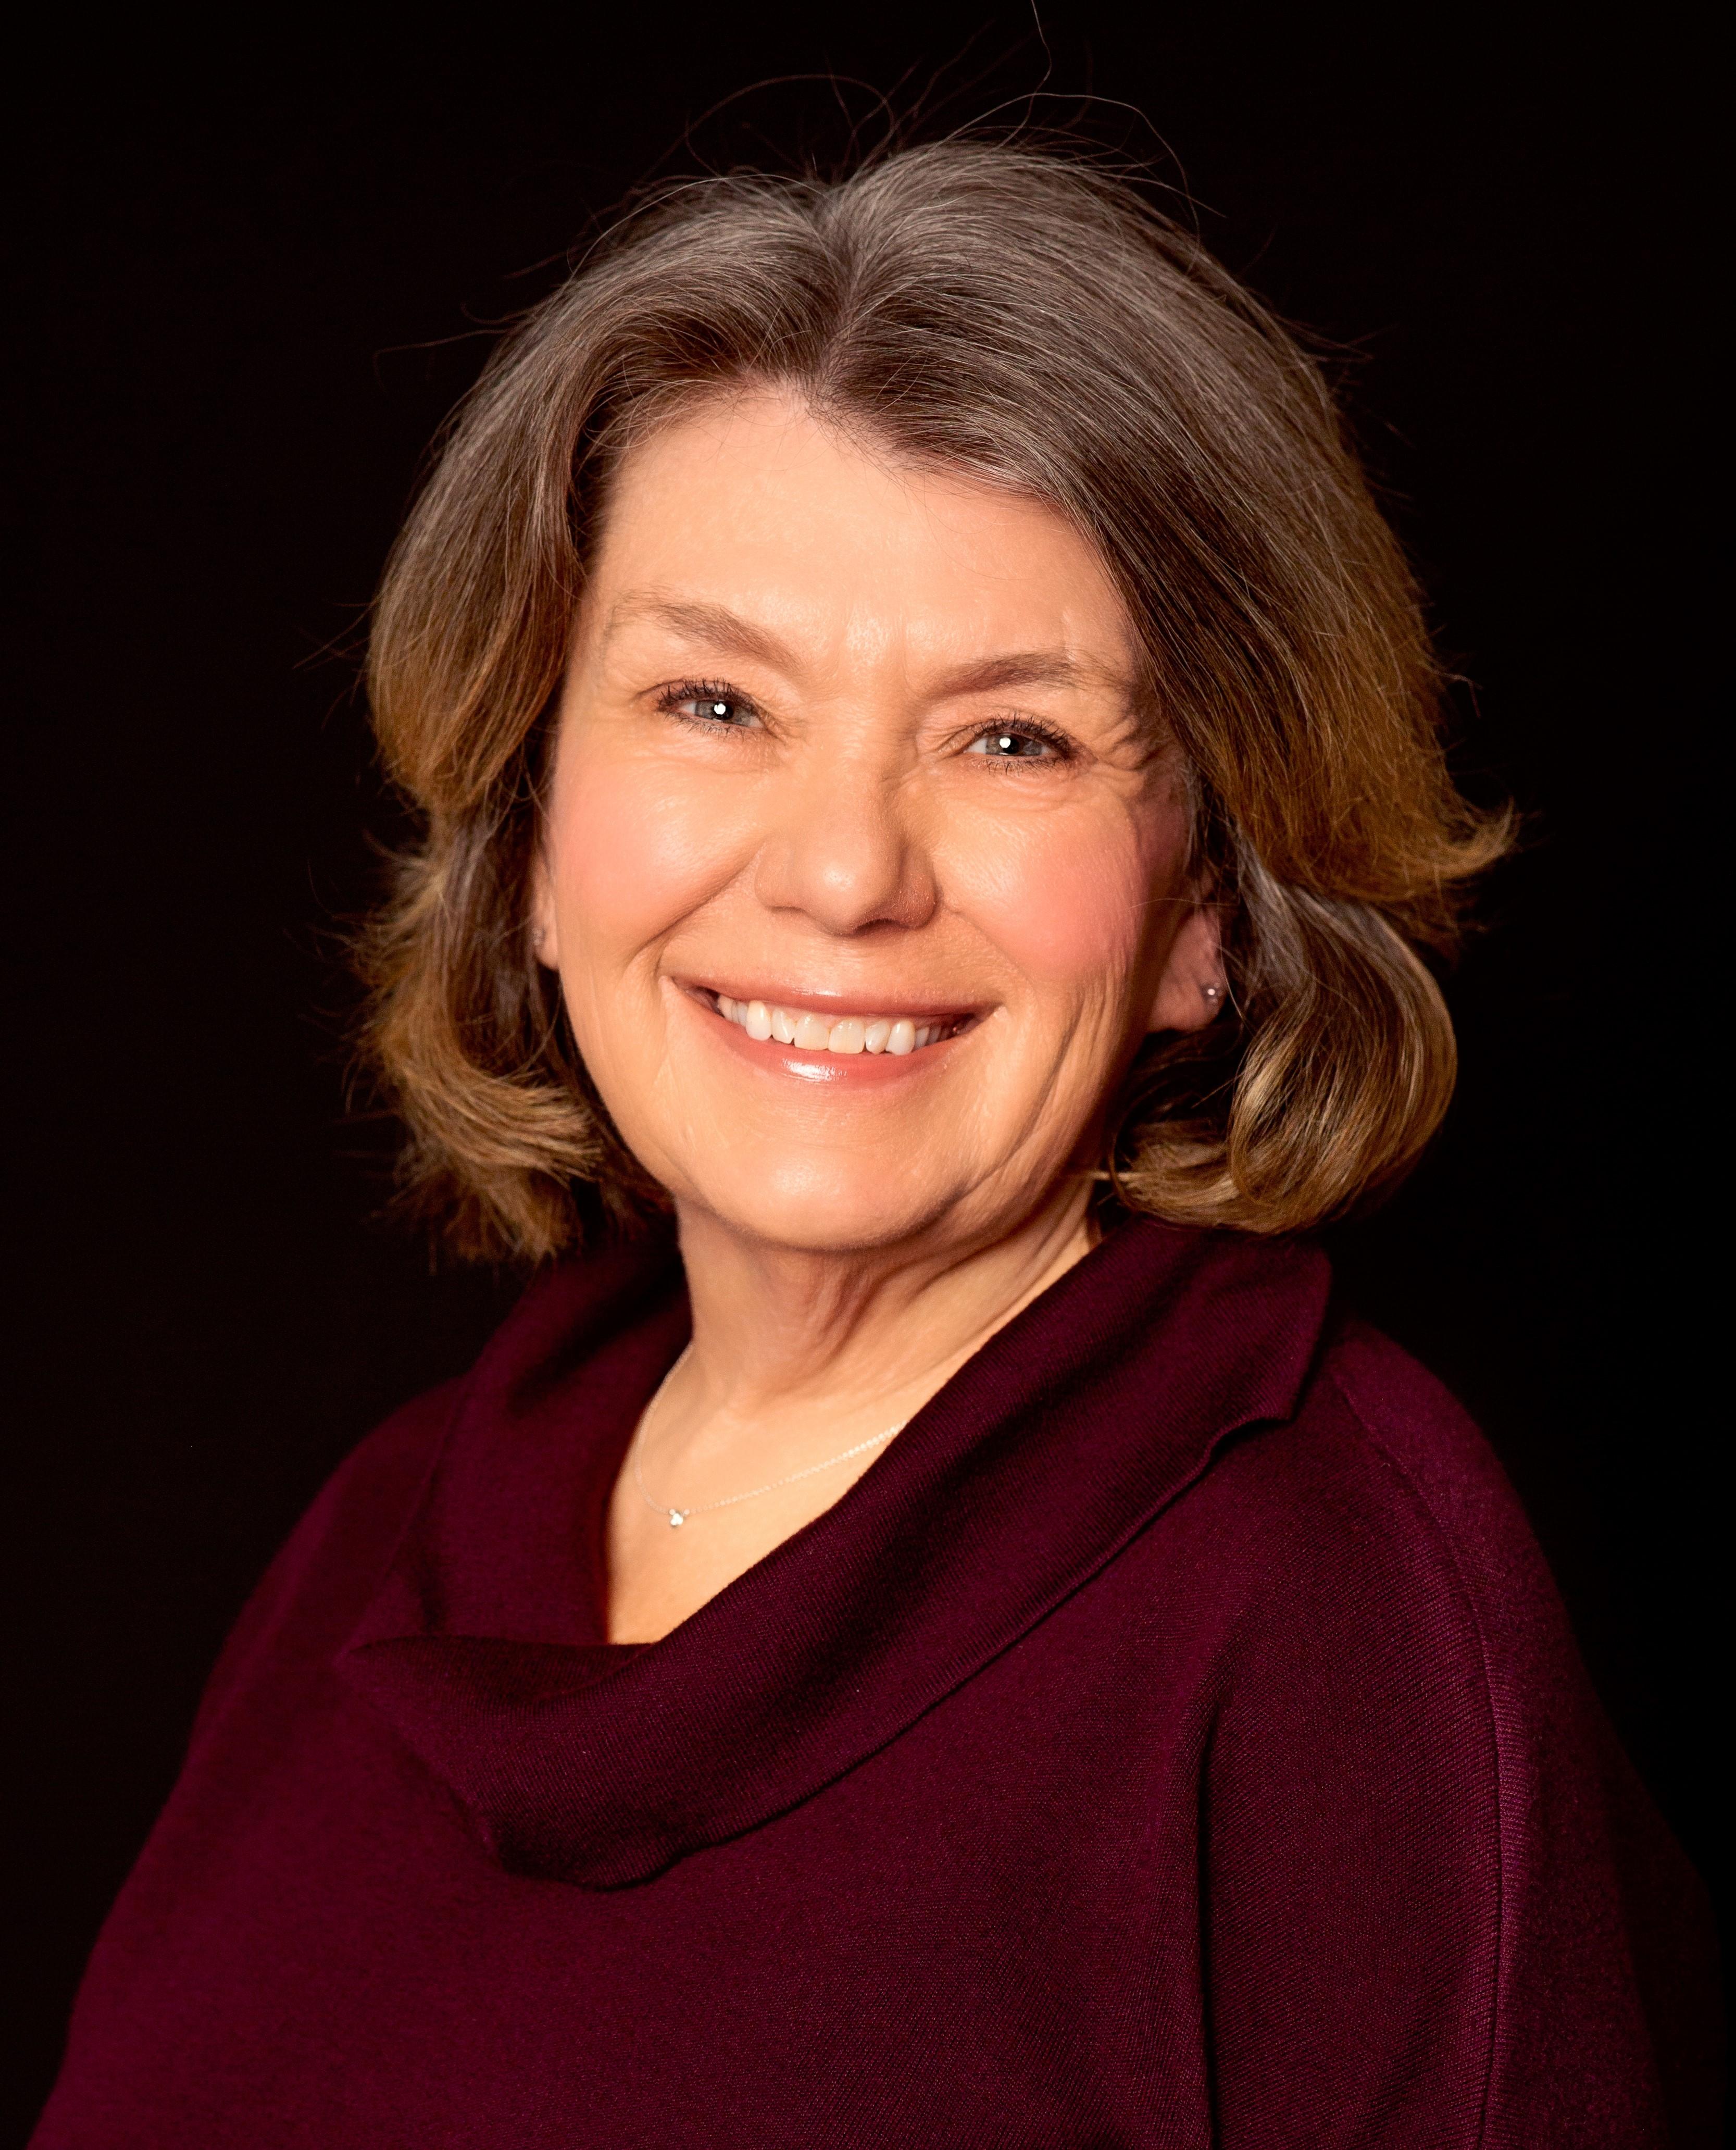 Kathy undefined Crowder